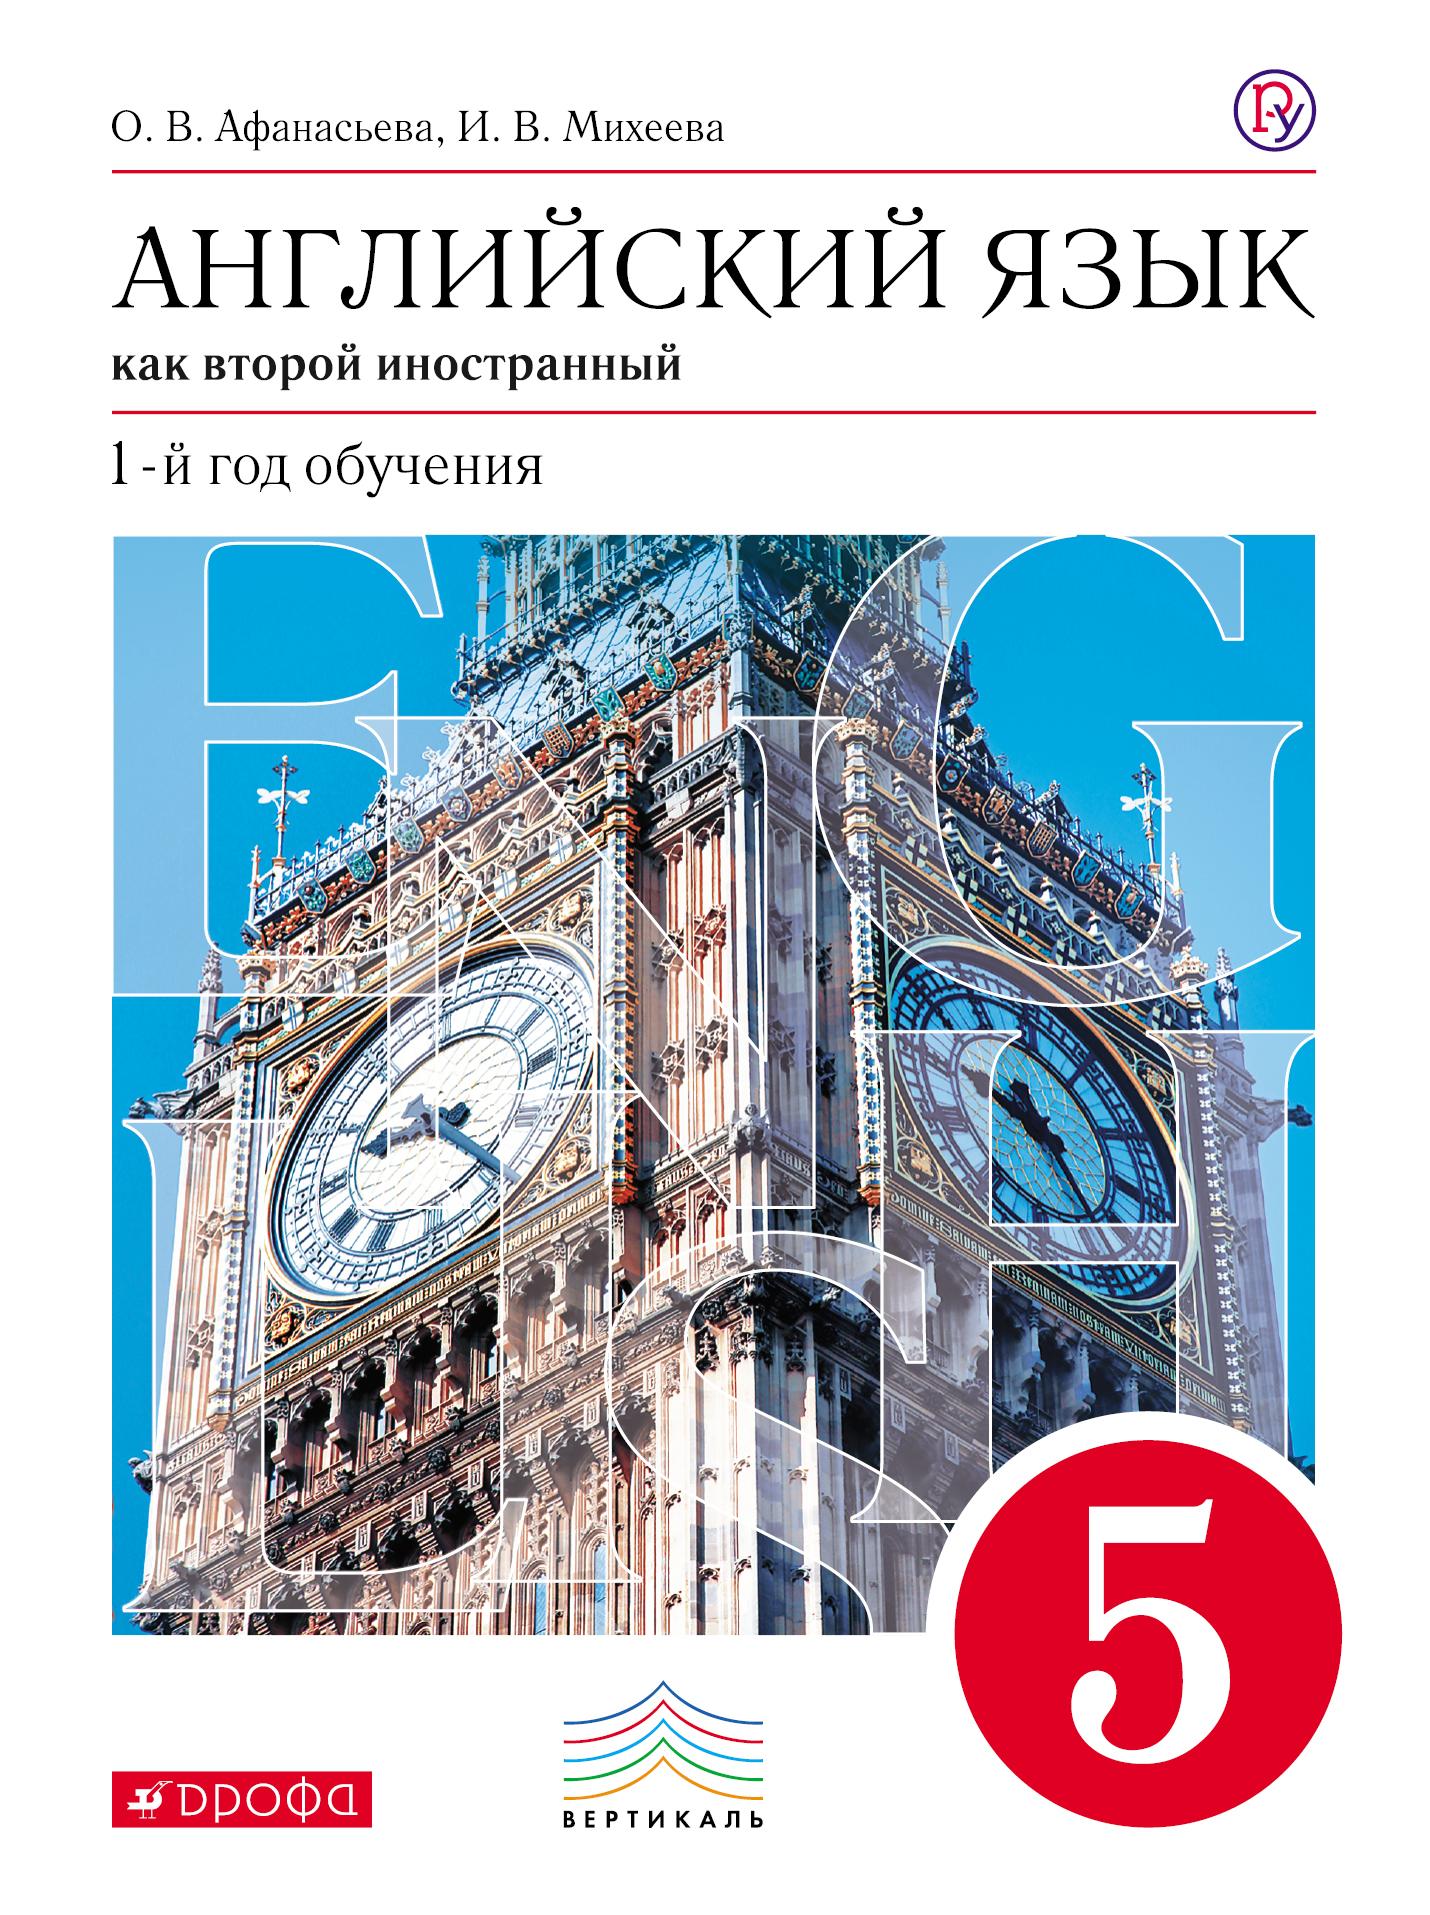 И. В. Михеева, английский язык как второй иностранный. 1-й год.